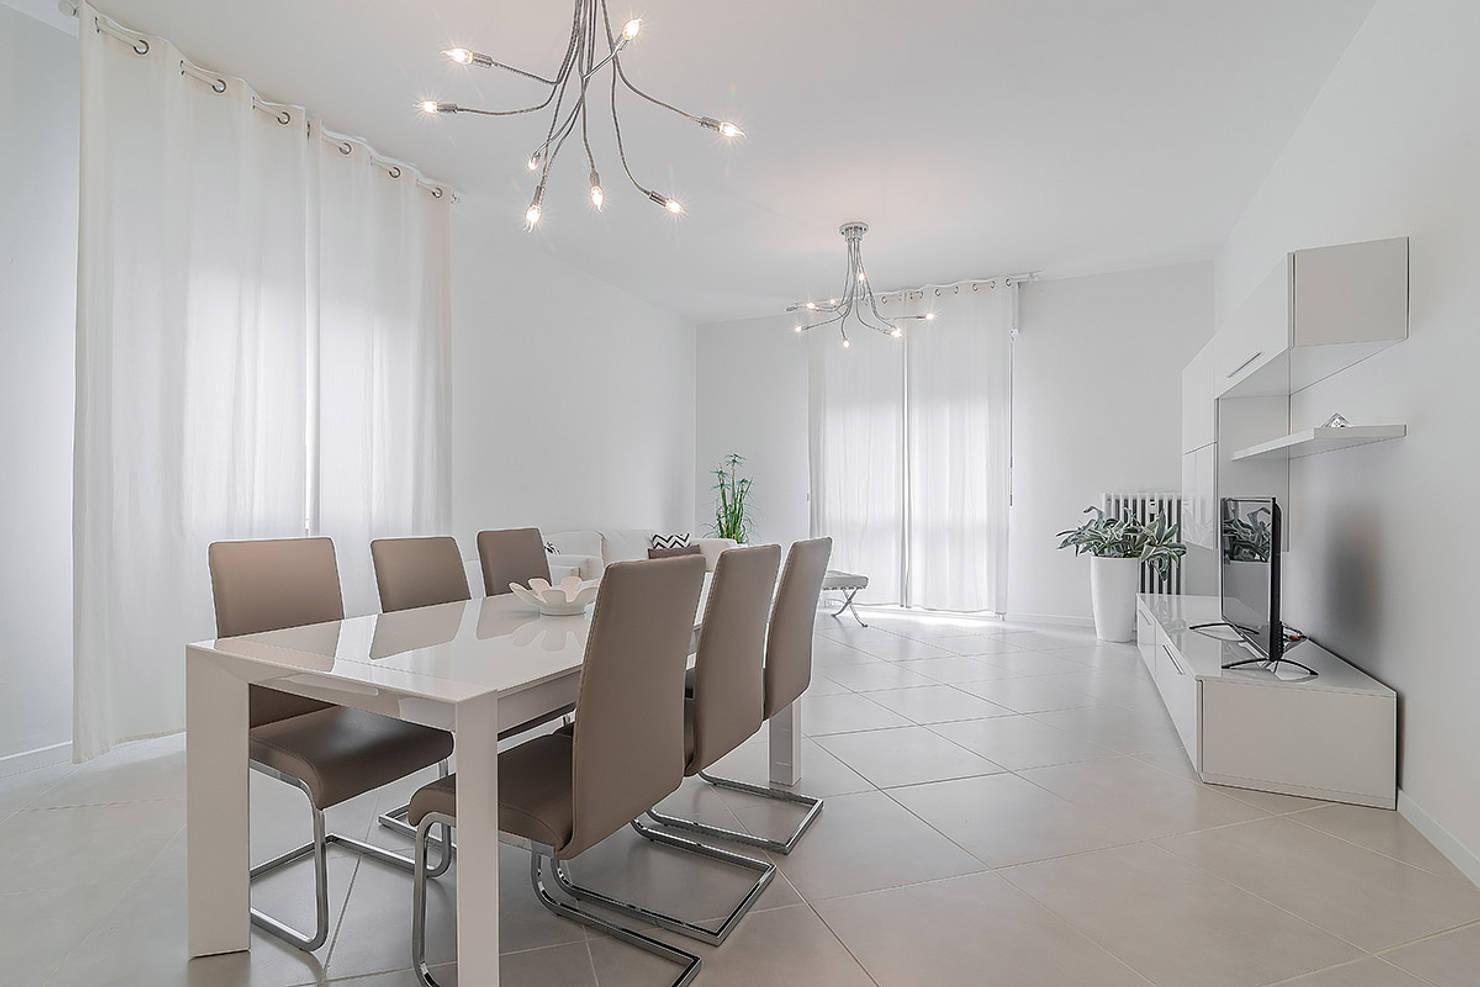 La increíble transformación de una casa minimalista